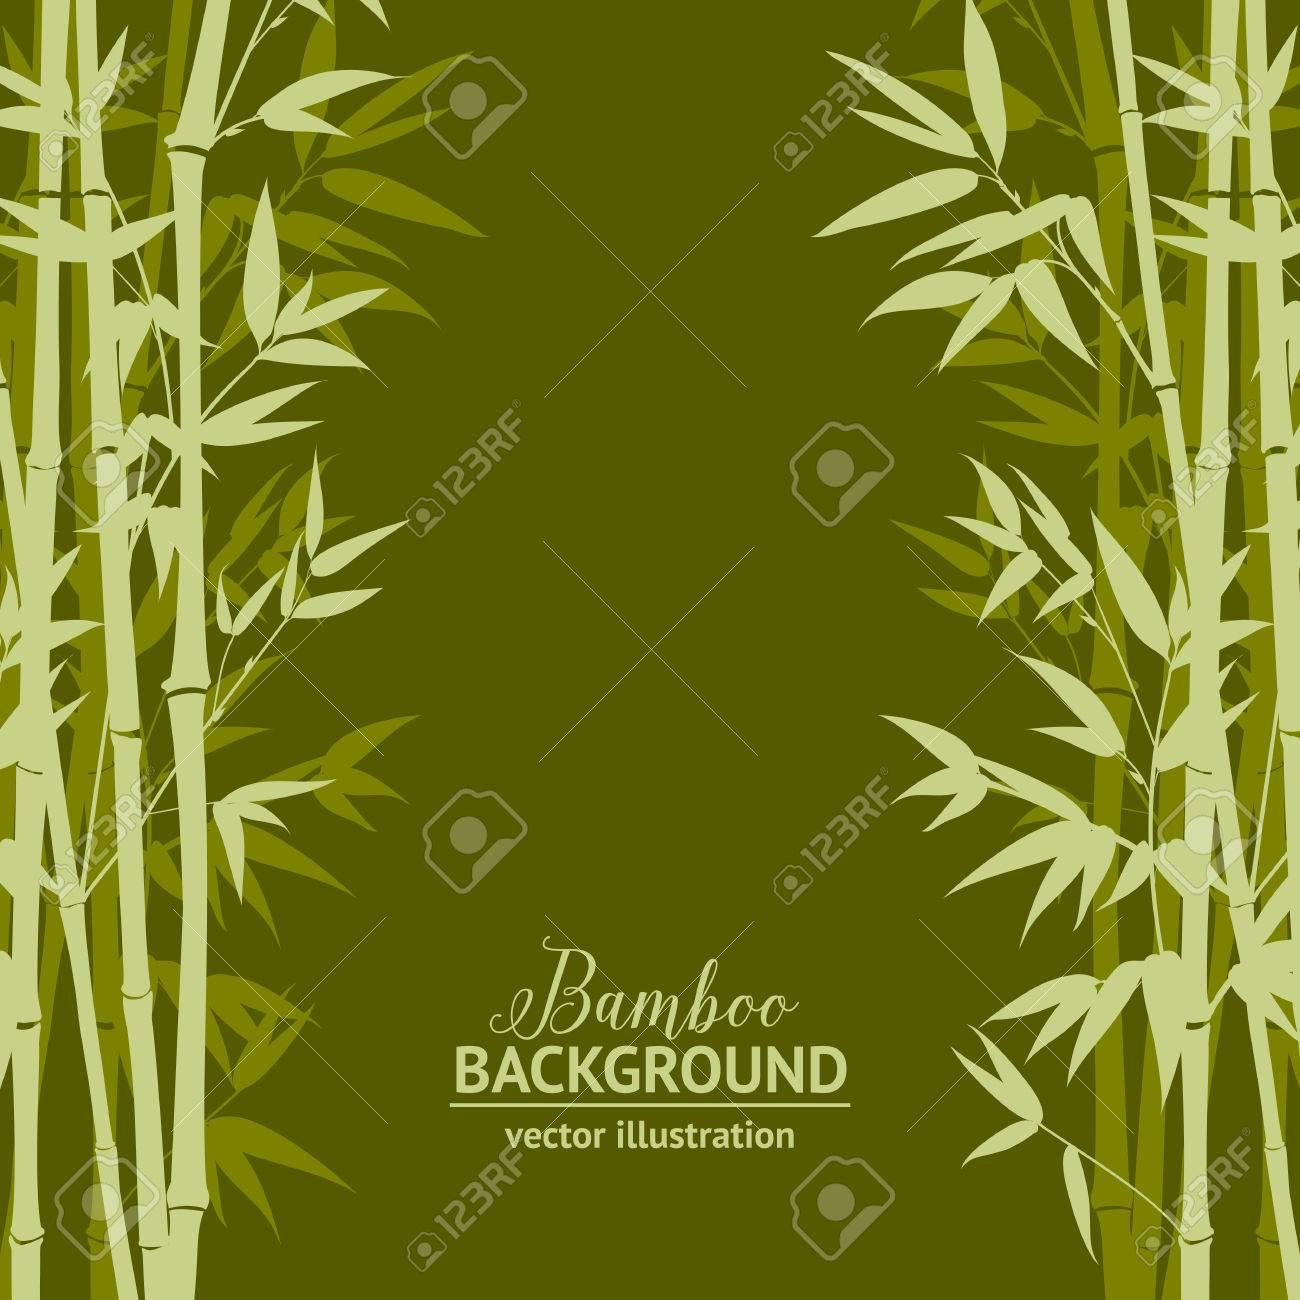 緑の背景、デザイン カード上の竹の森。ベクトル イラスト